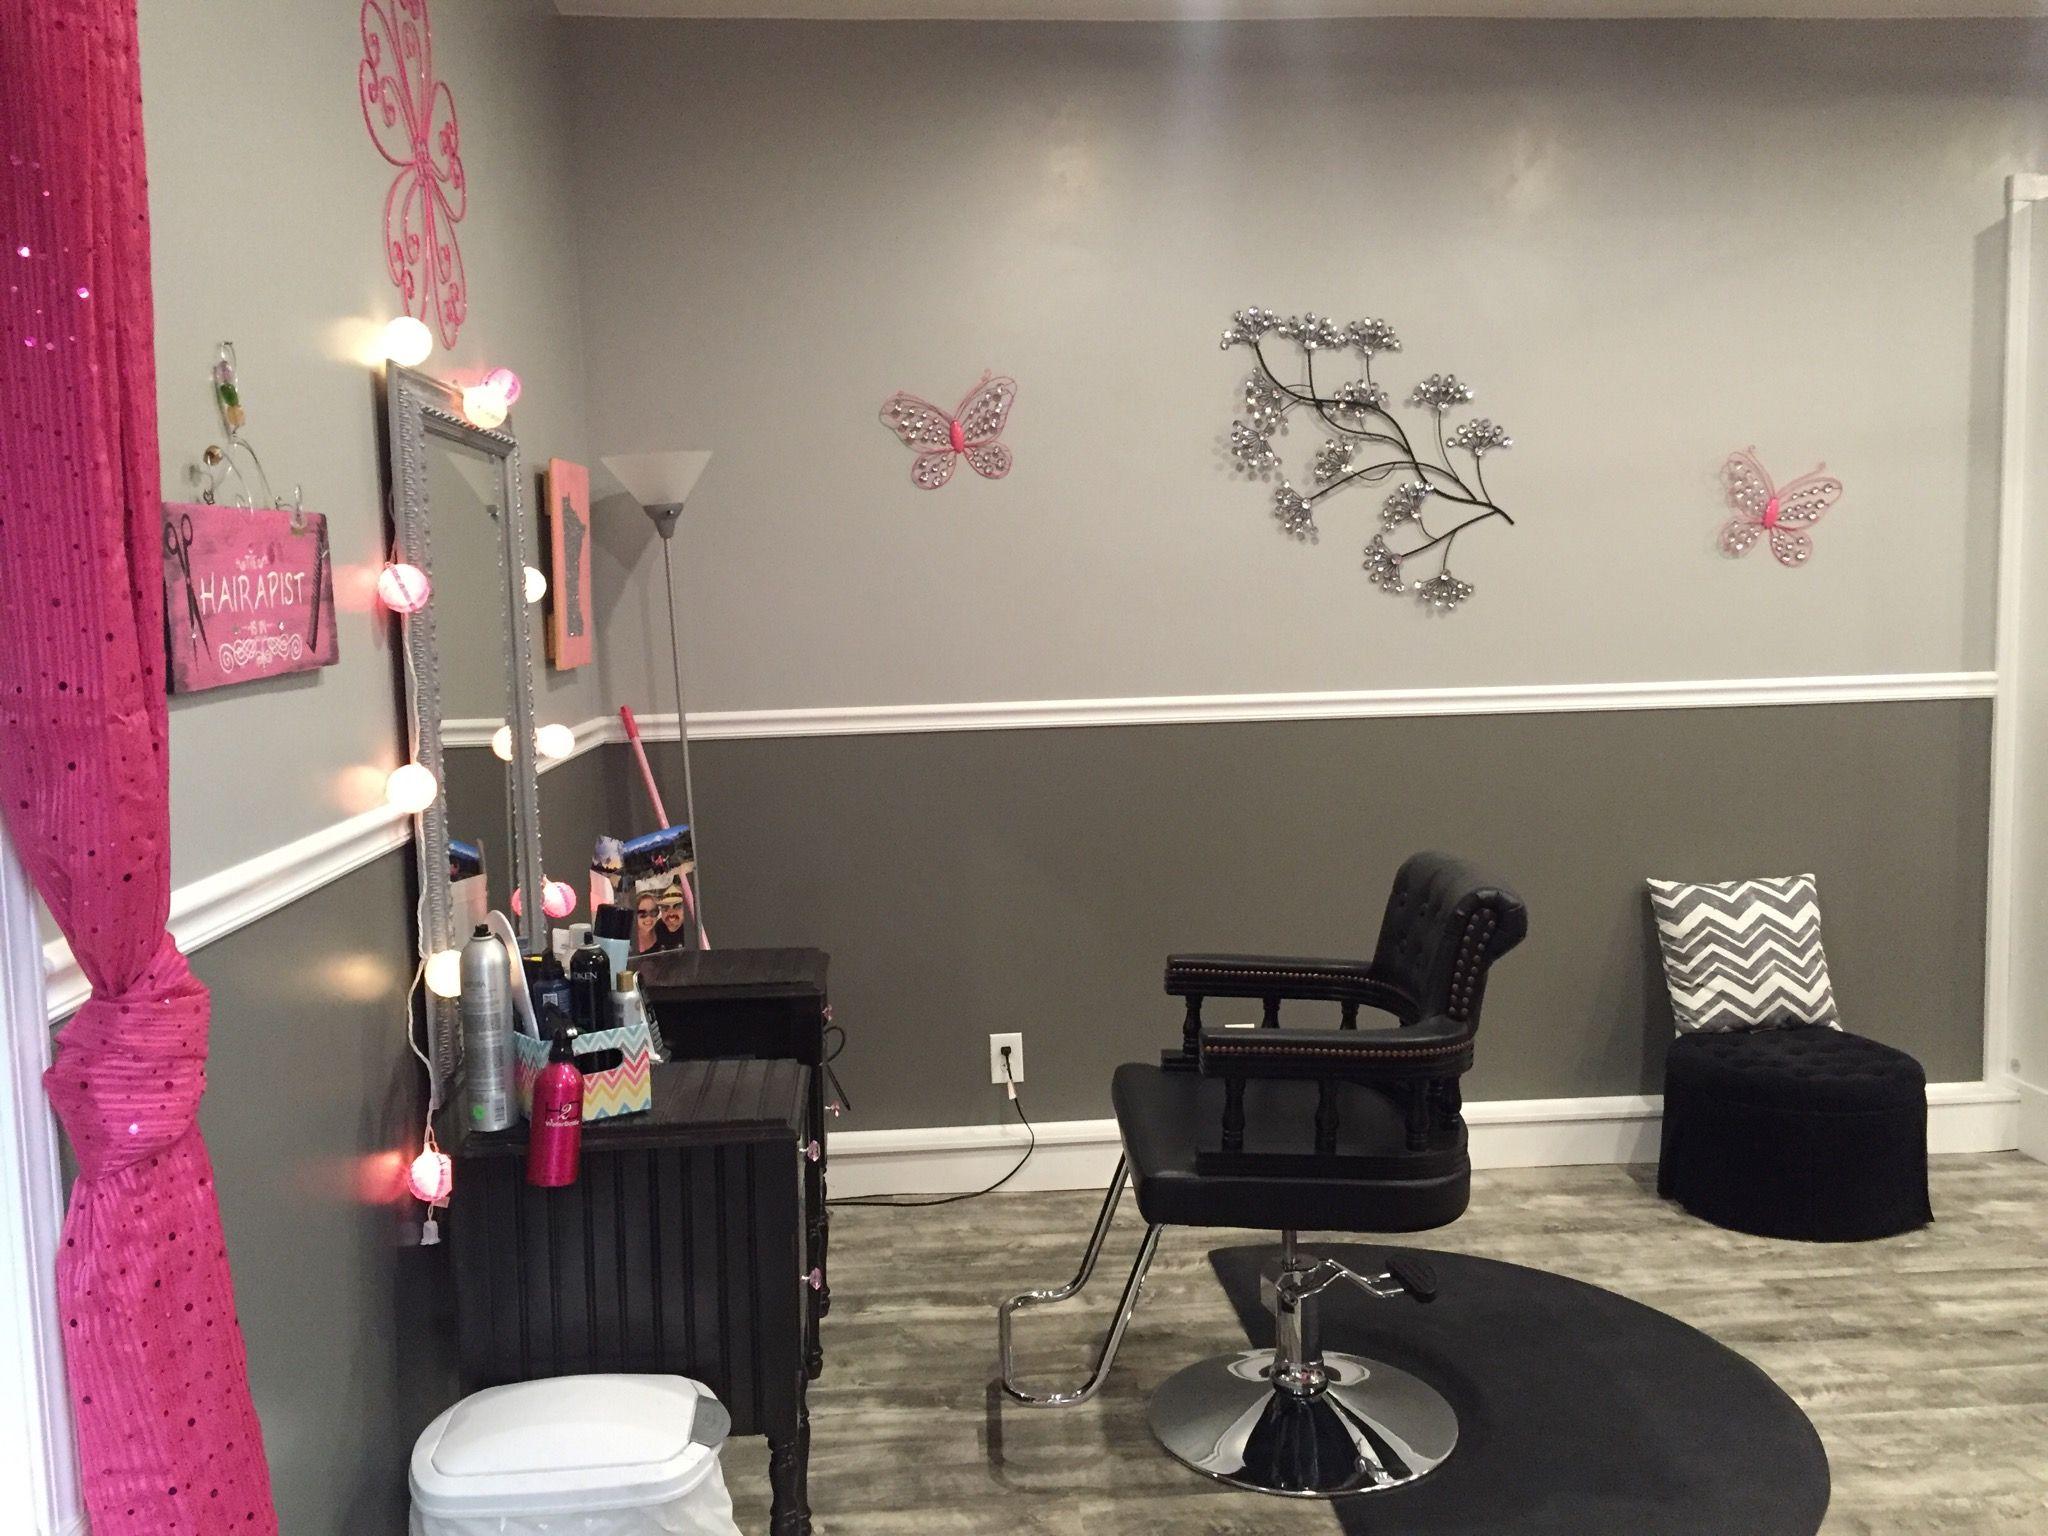 Garage To Salon Salon Decor Home Beauty Salon Salon Decor Studio